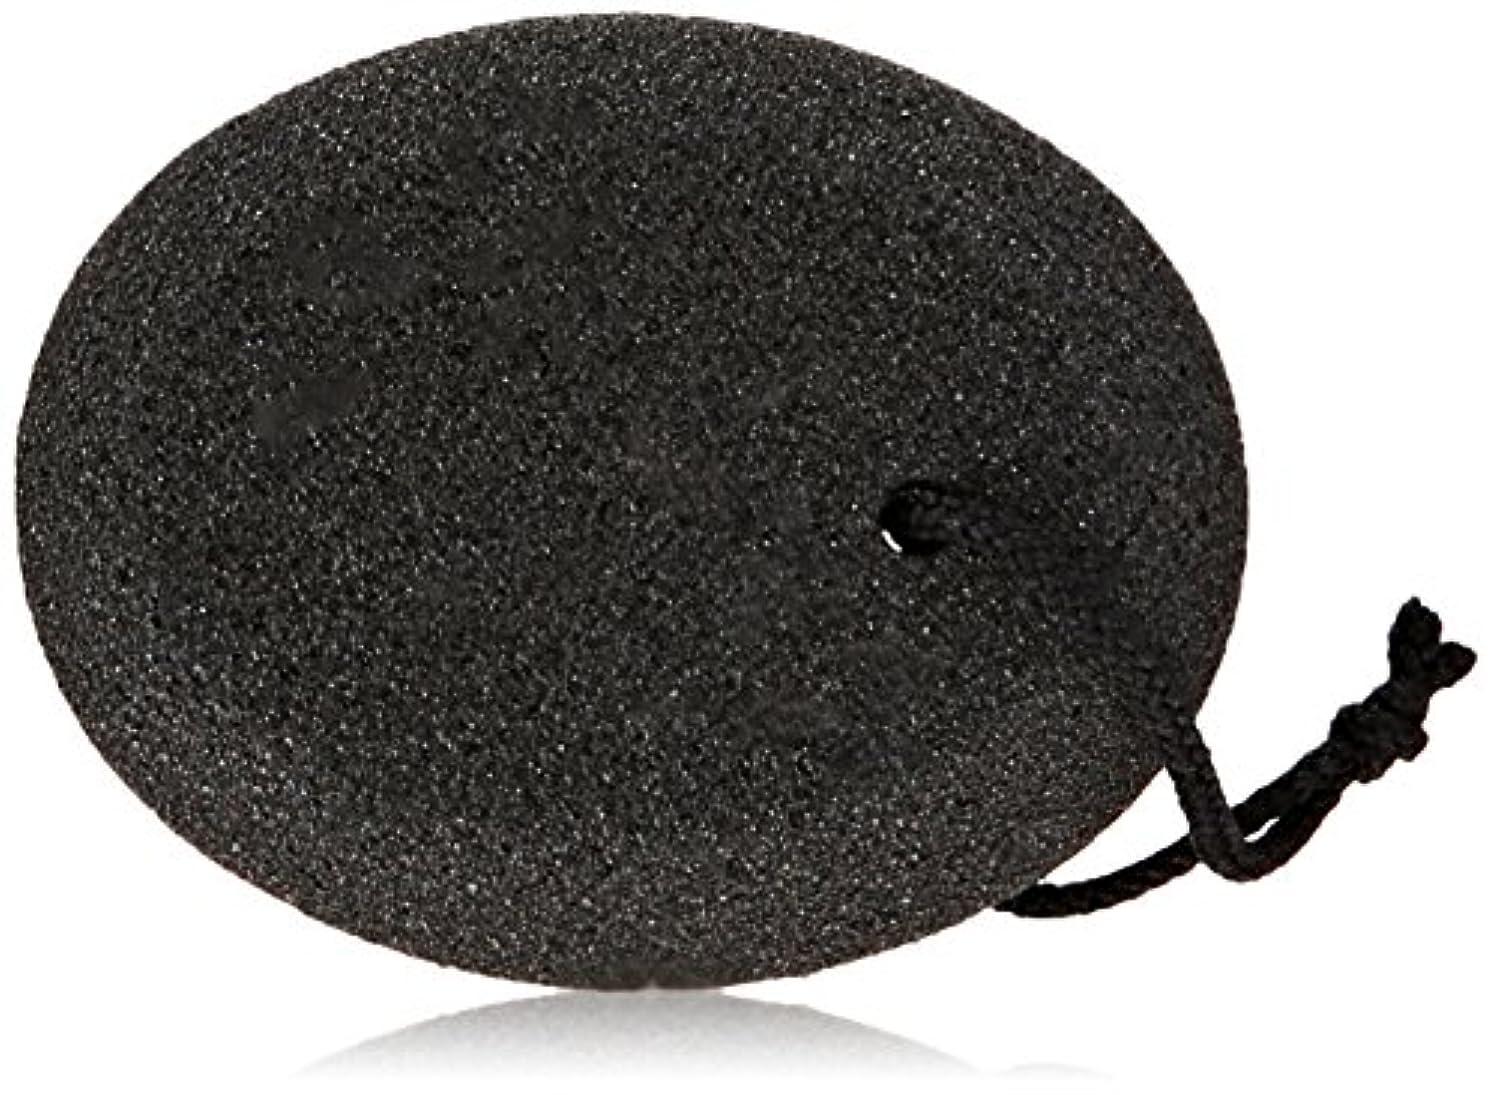 保存サイクル存在する黒艶軽石